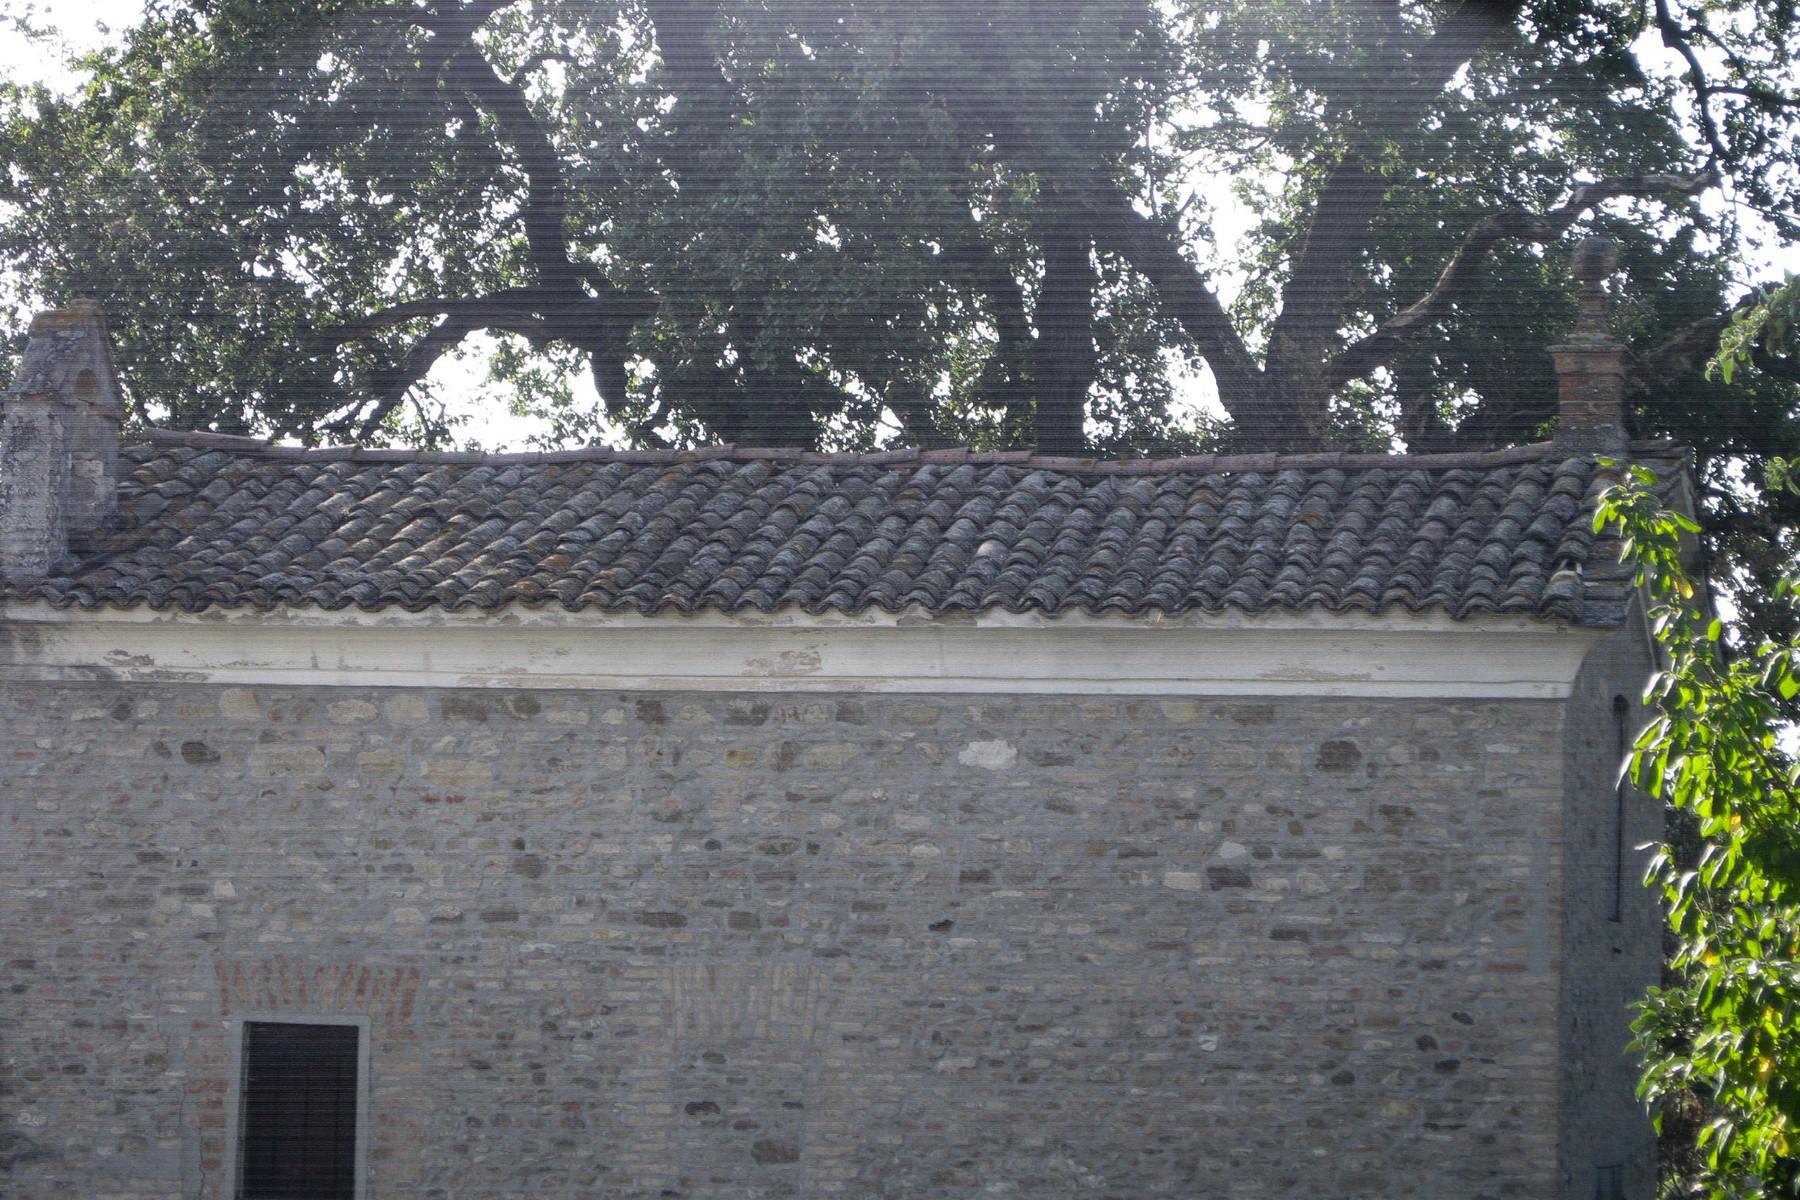 Rustico in Vendita a Castelvetro Di Modena: 5 locali, 3100 mq - Foto 8